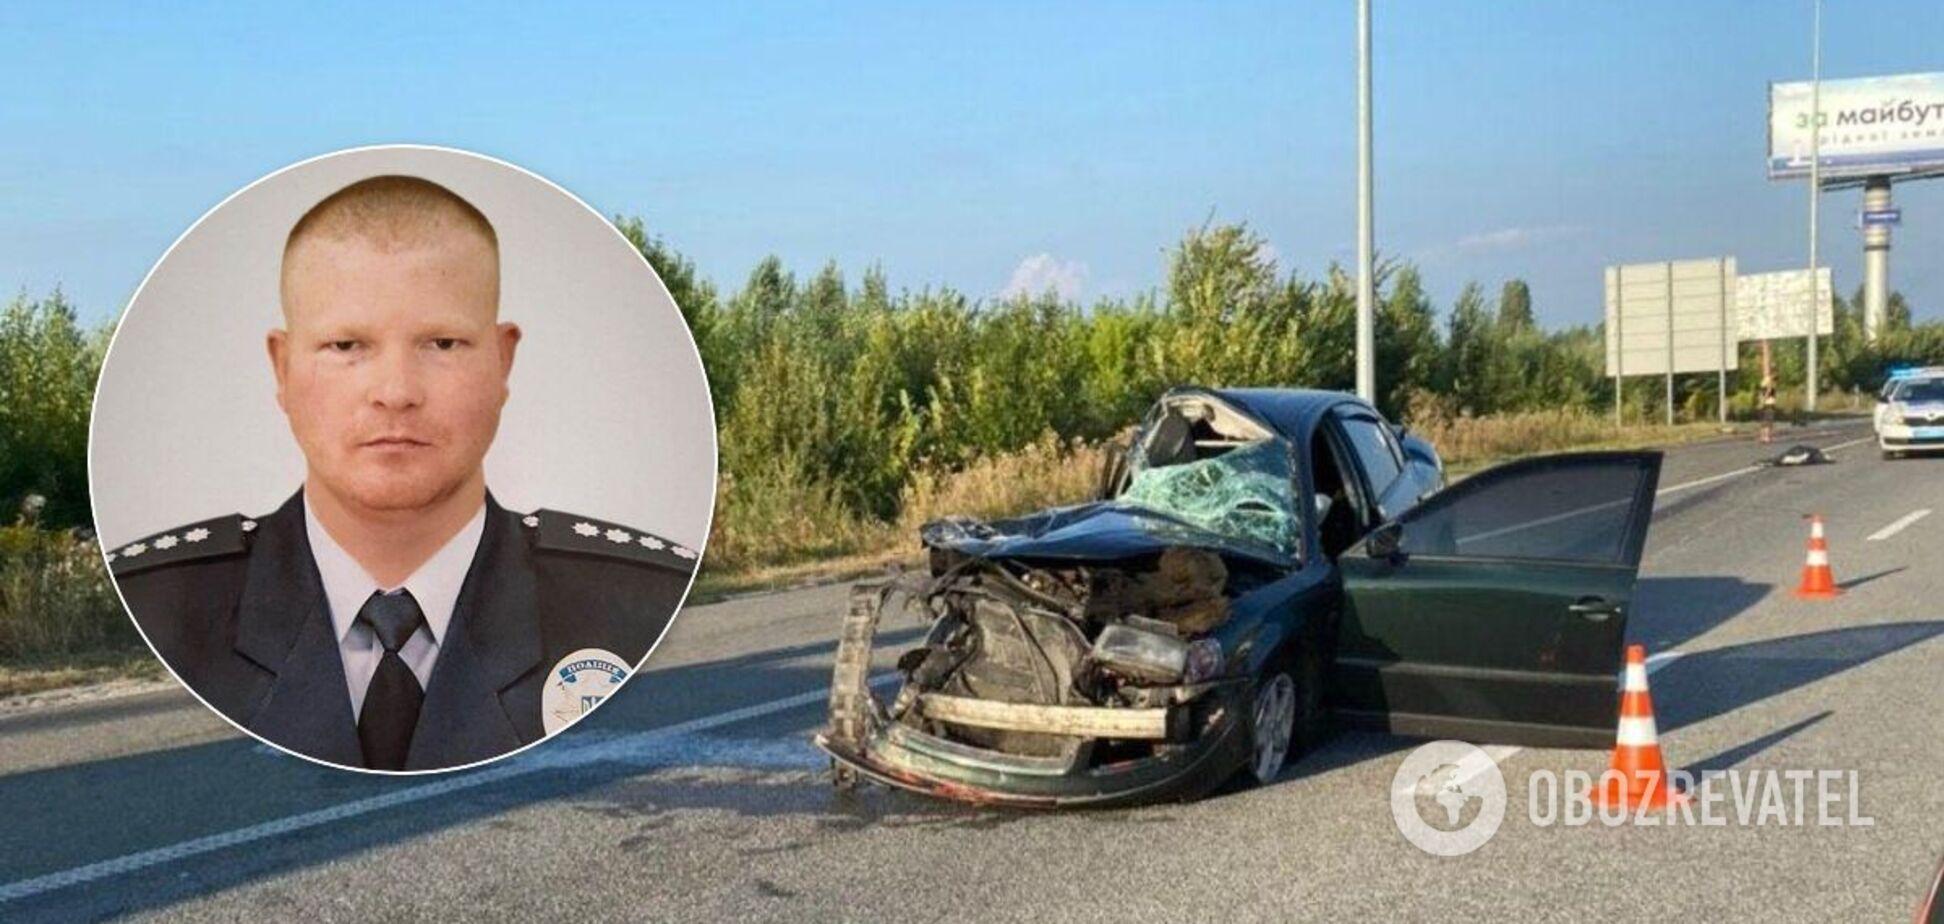 Поліцейський Іван Подольский загинув у ДТП під Києвом